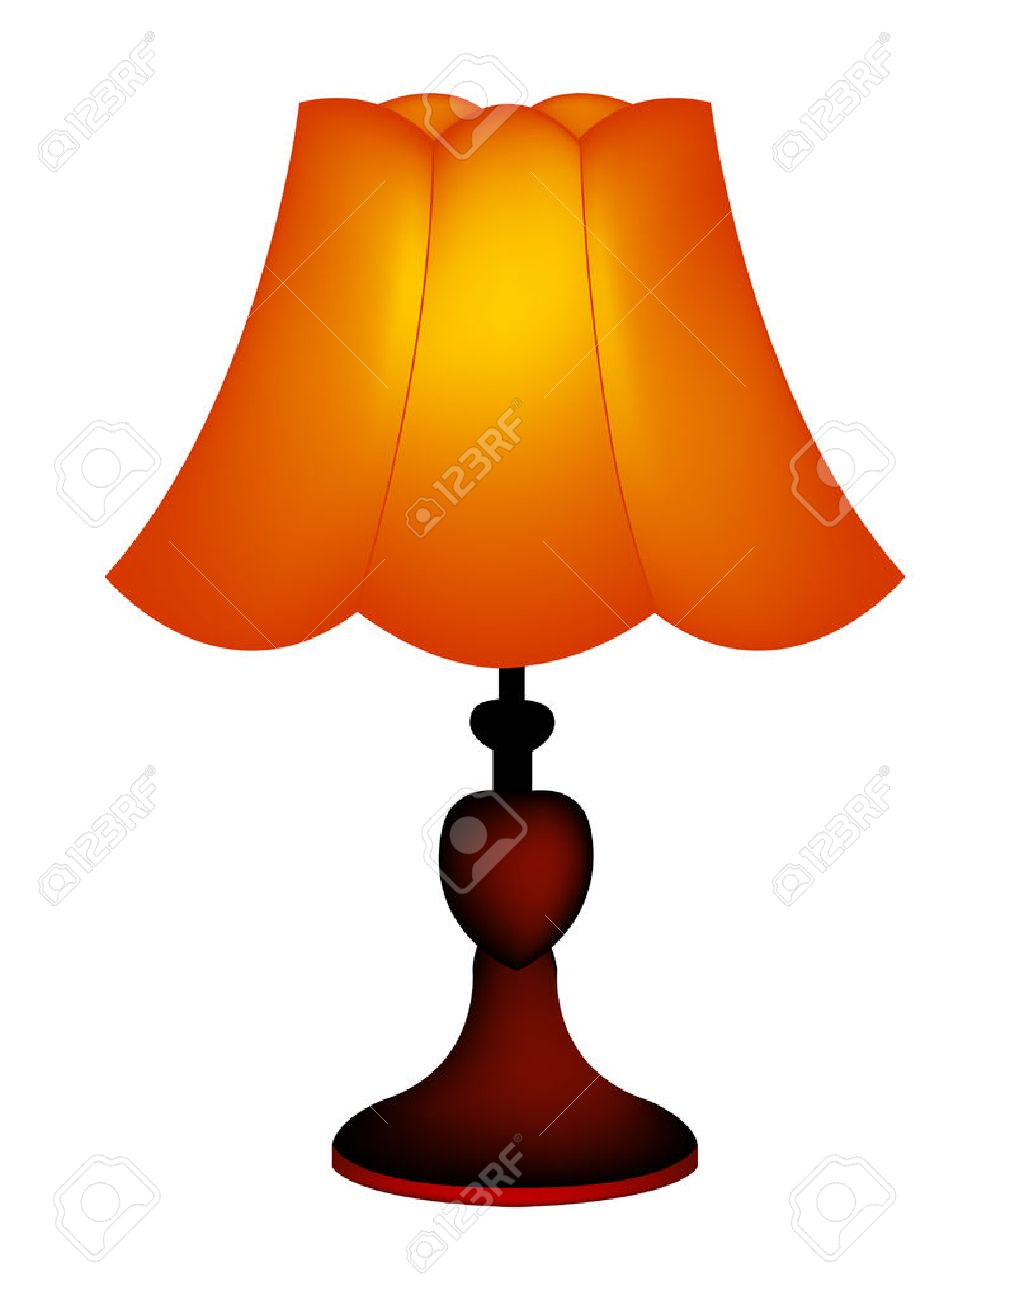 Image D Une Lampe innustration isolée d'une lampe de table / abat-jour sur fond blanc